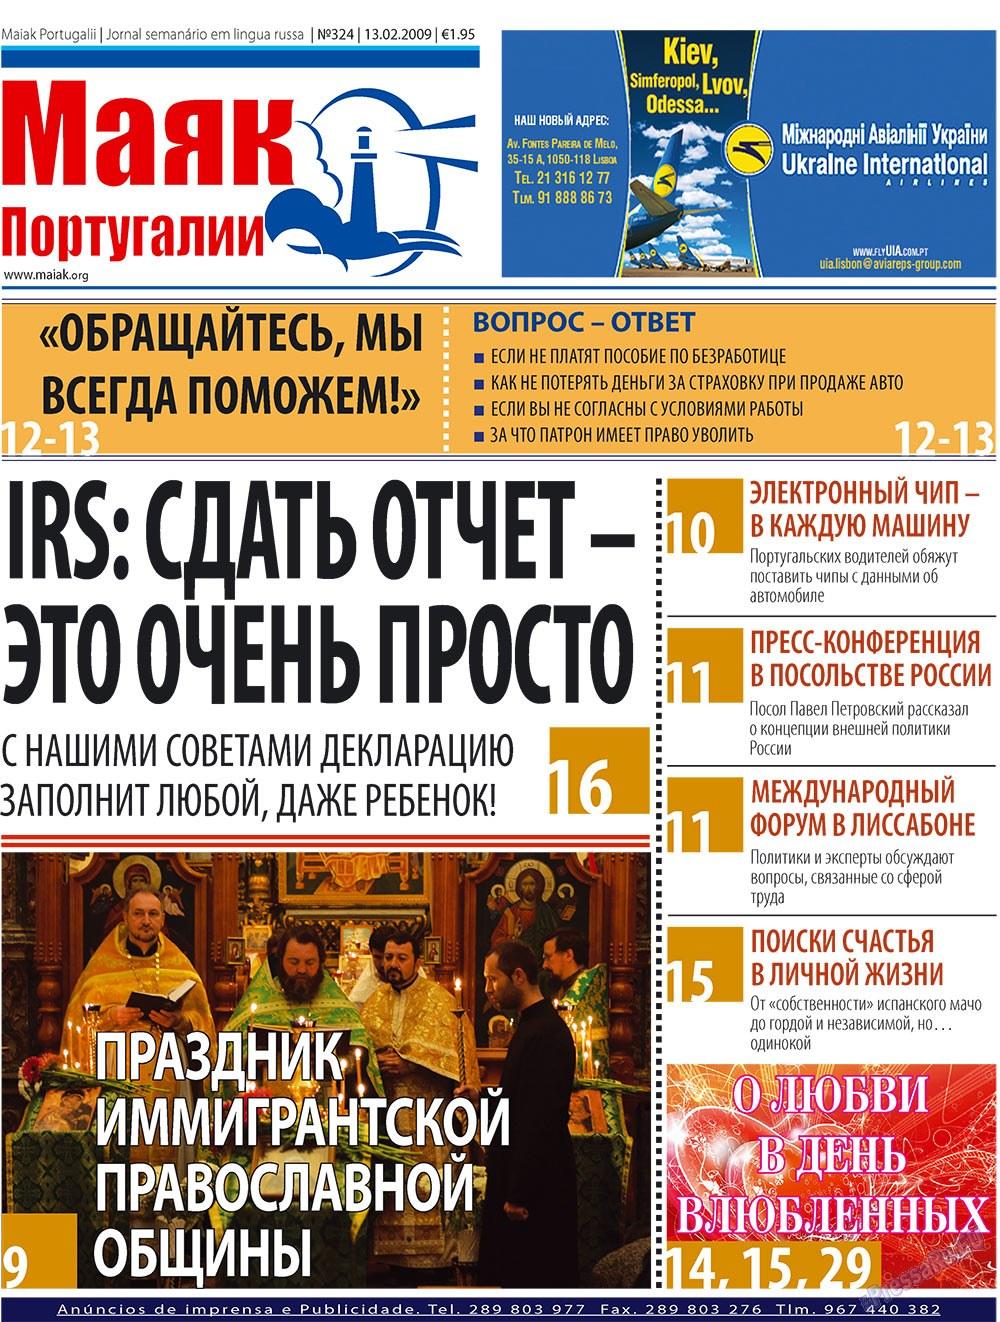 Маяк Португалии (газета). 2009 год, номер 7, стр. 1